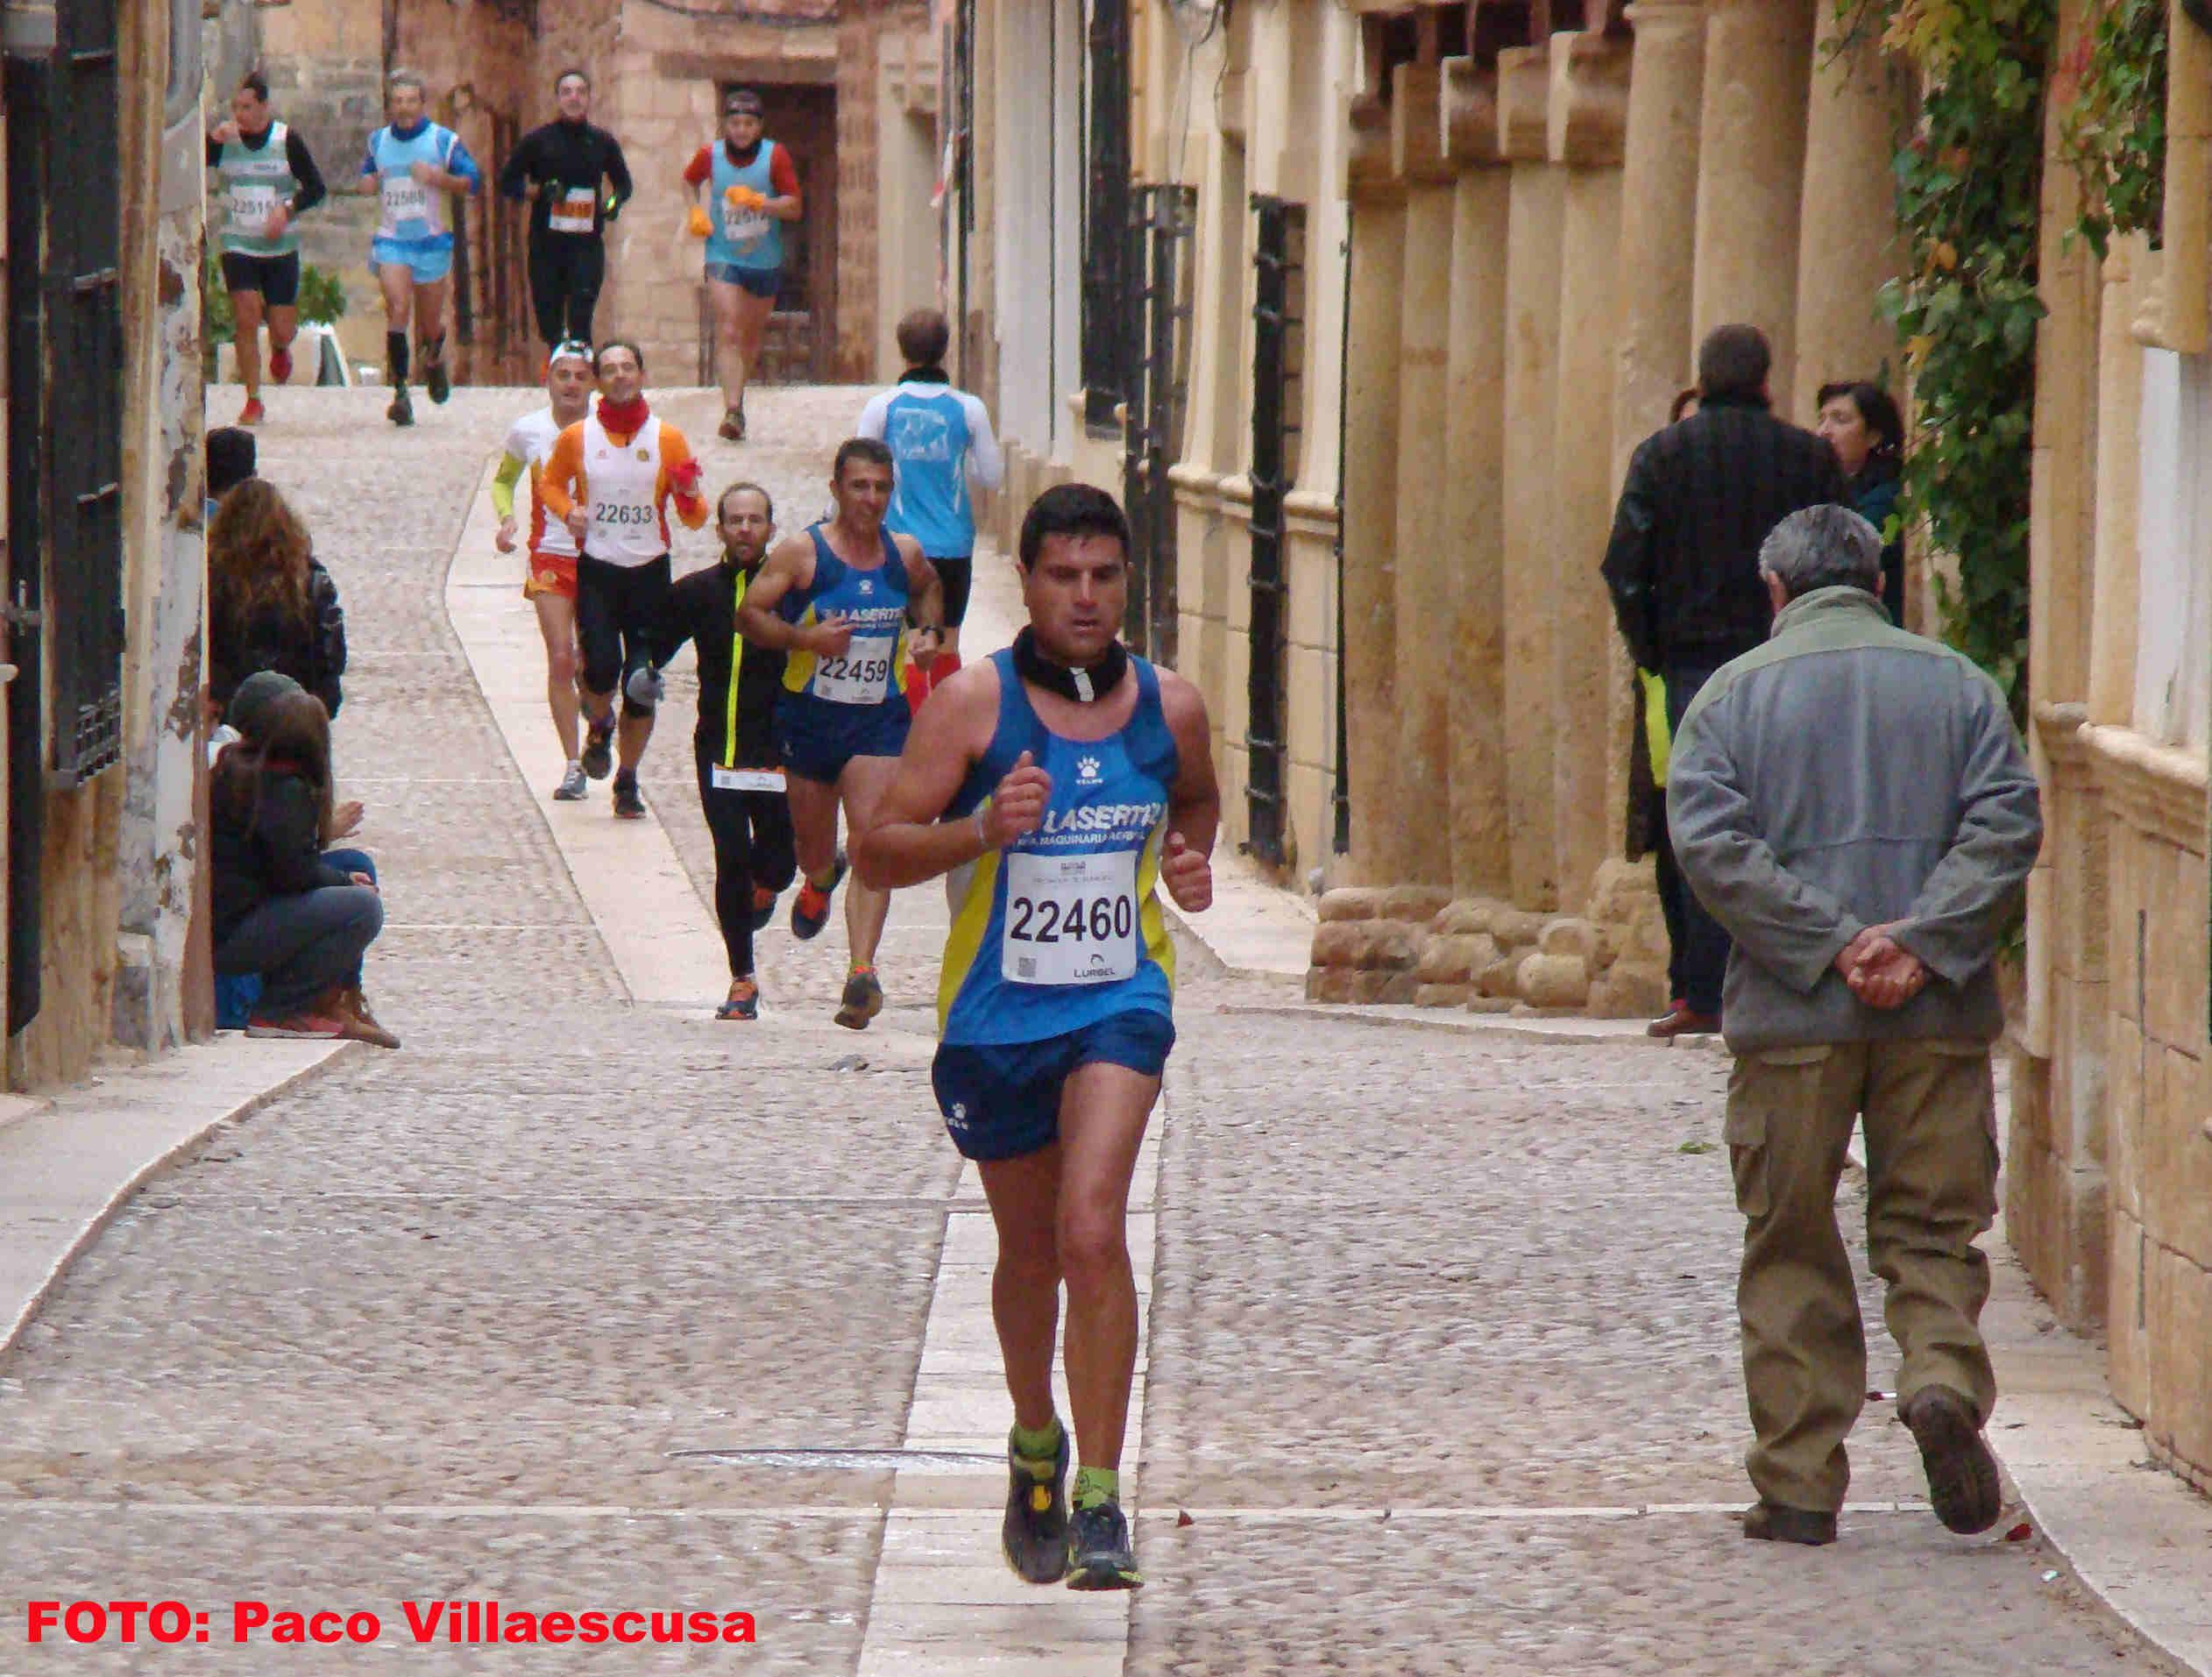 Atletas populares en Alcaraz (Foto: Paco Villaescusa)